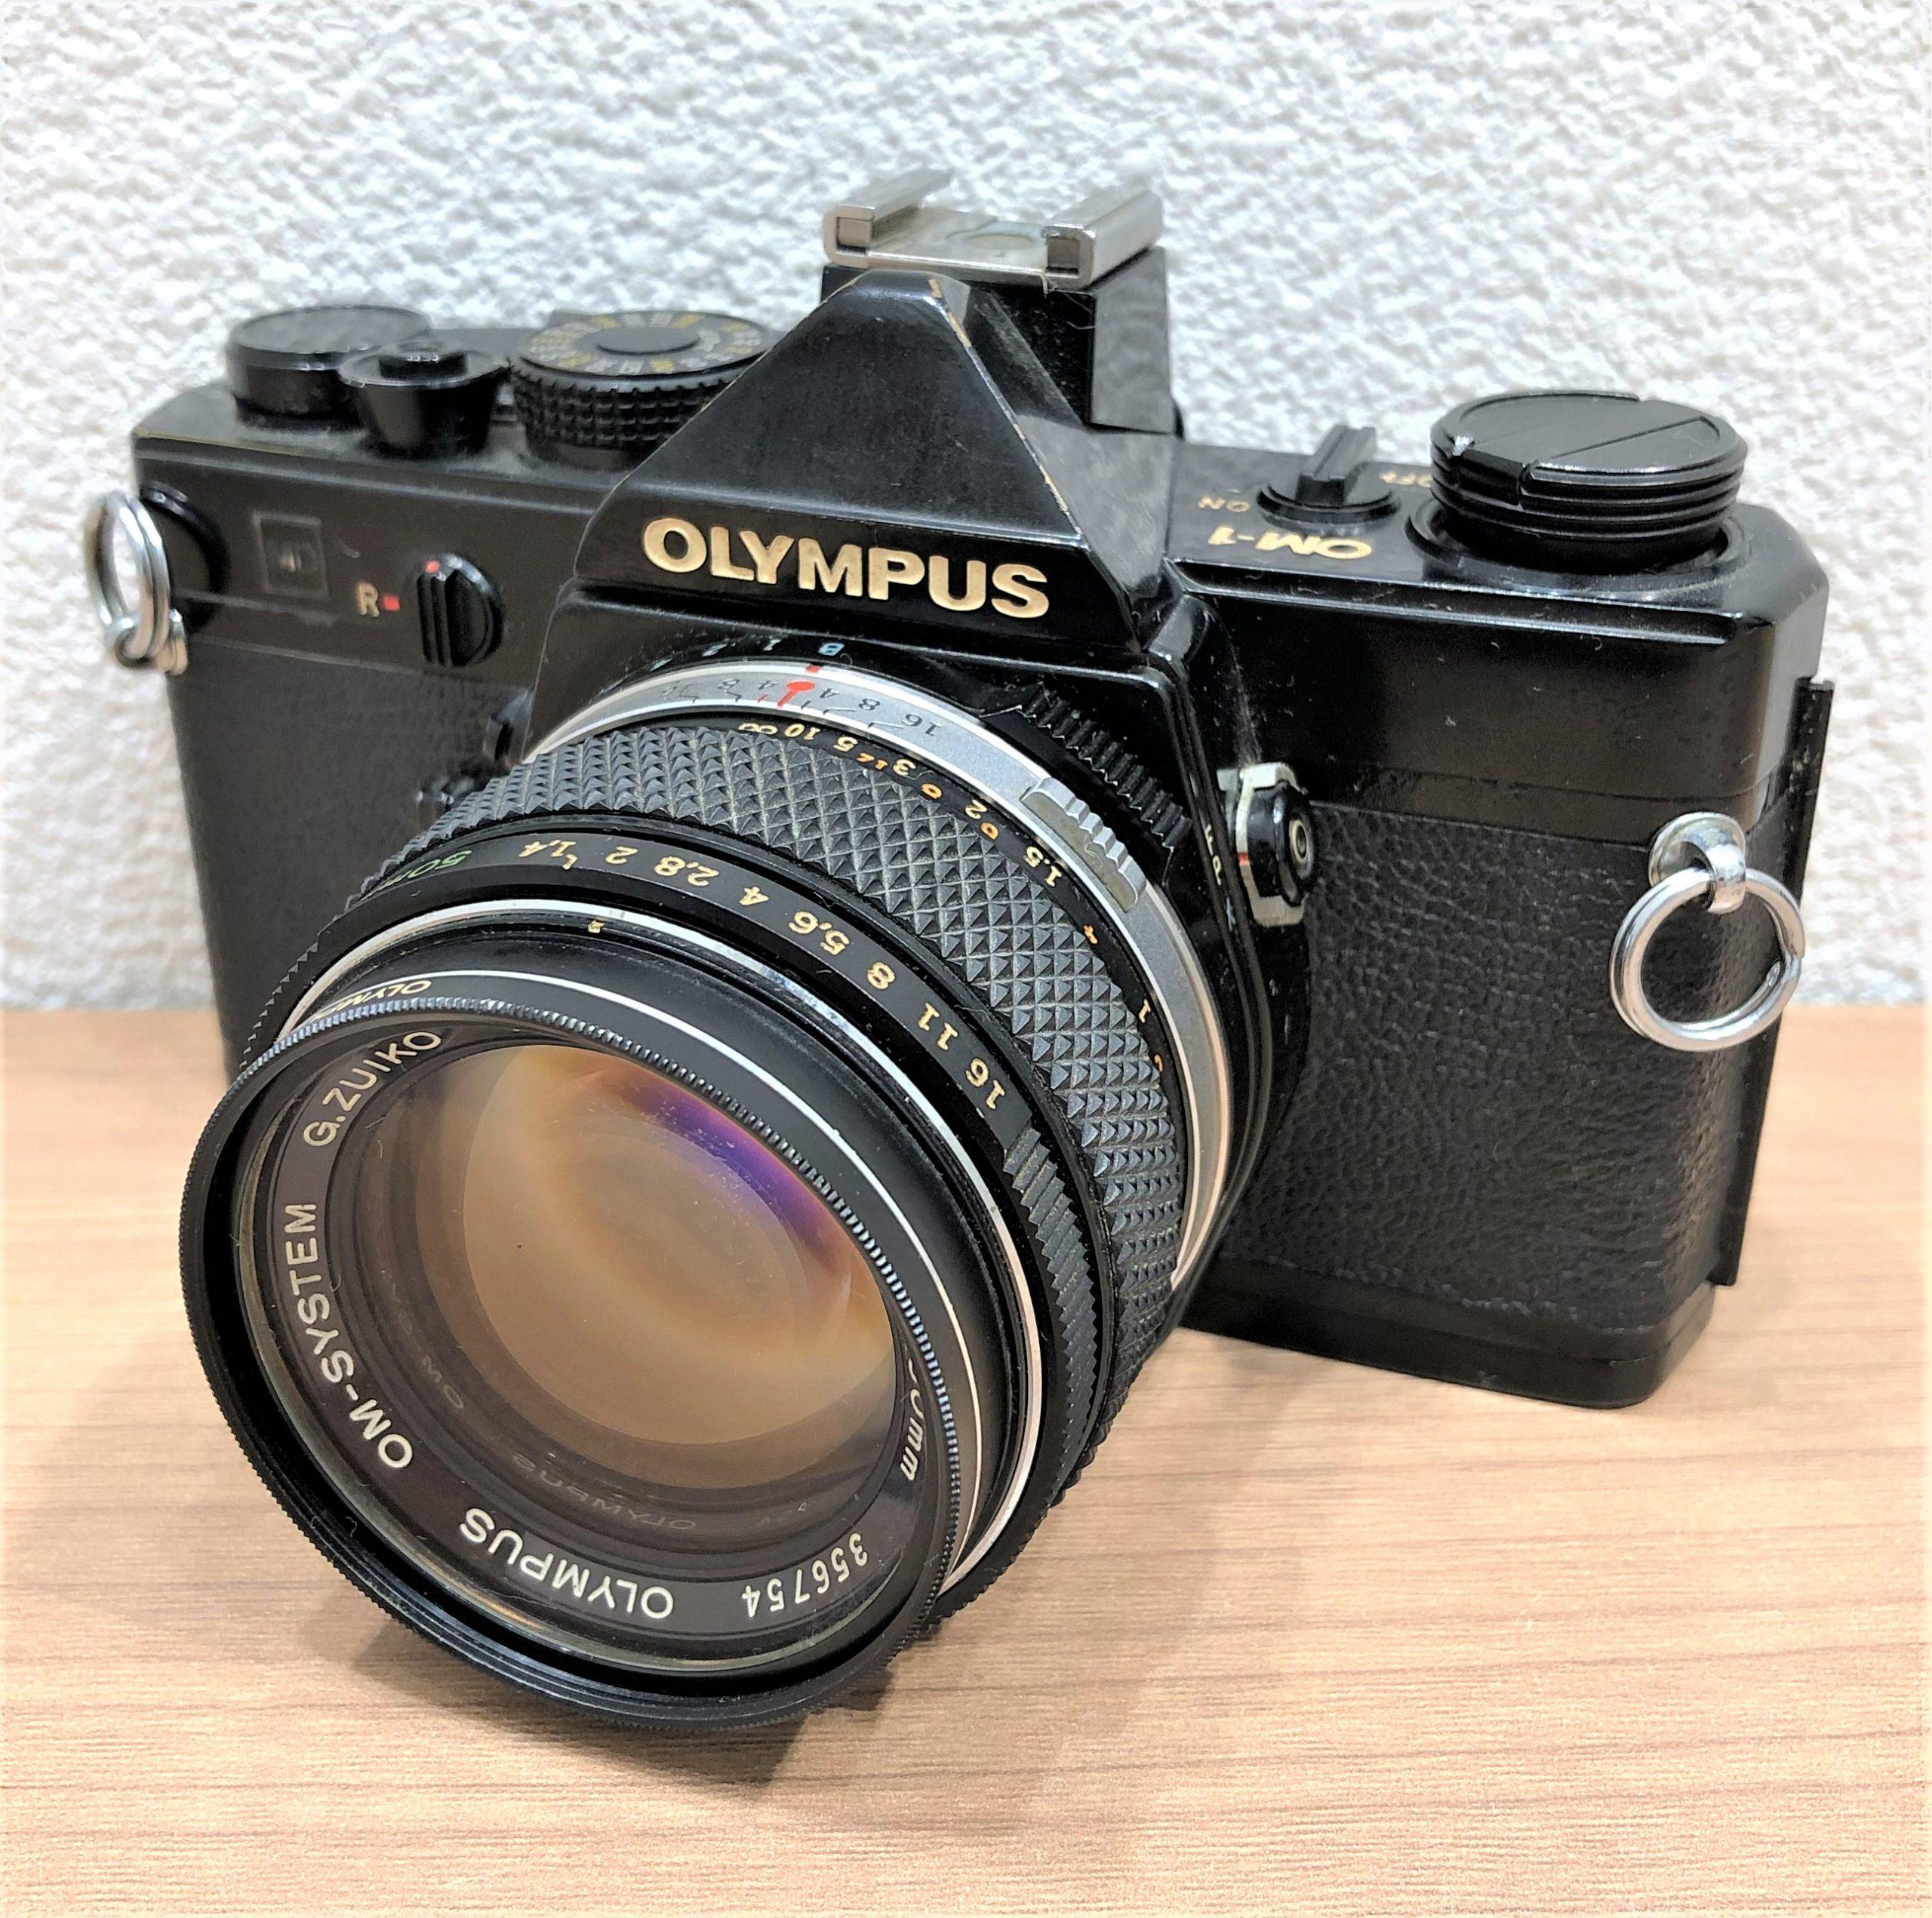 【OLYMPUS/オリンパス】OM-1 ブラックボディ 1.4 50mm 一眼レフフィルムカメラ